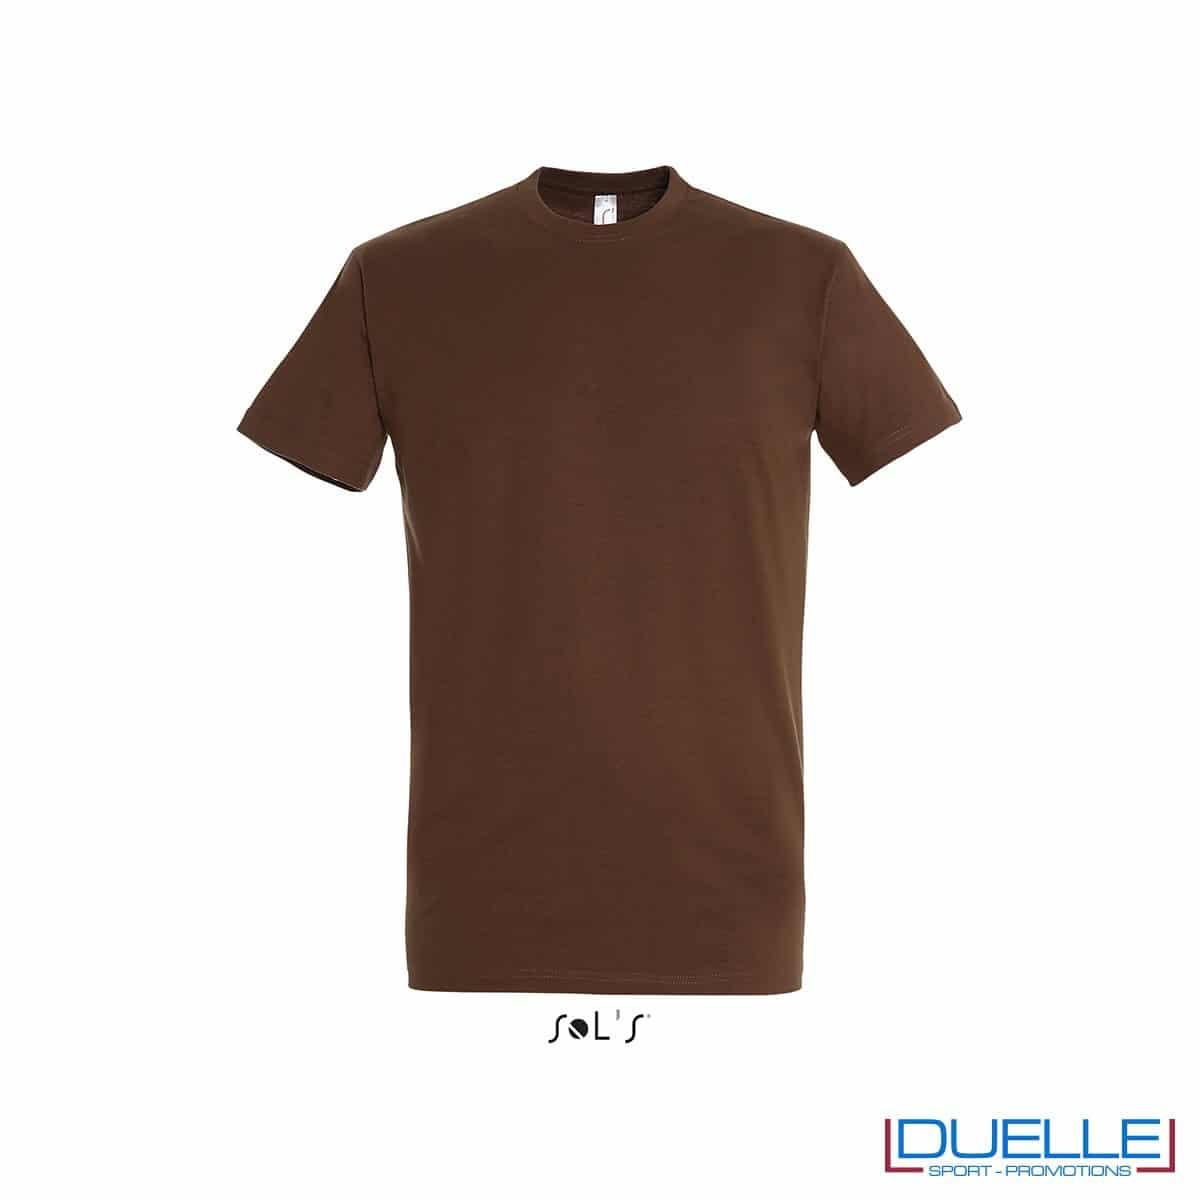 T-shirt promozionale in cotone pesante colore terra personalizzata con ricamo o stampa